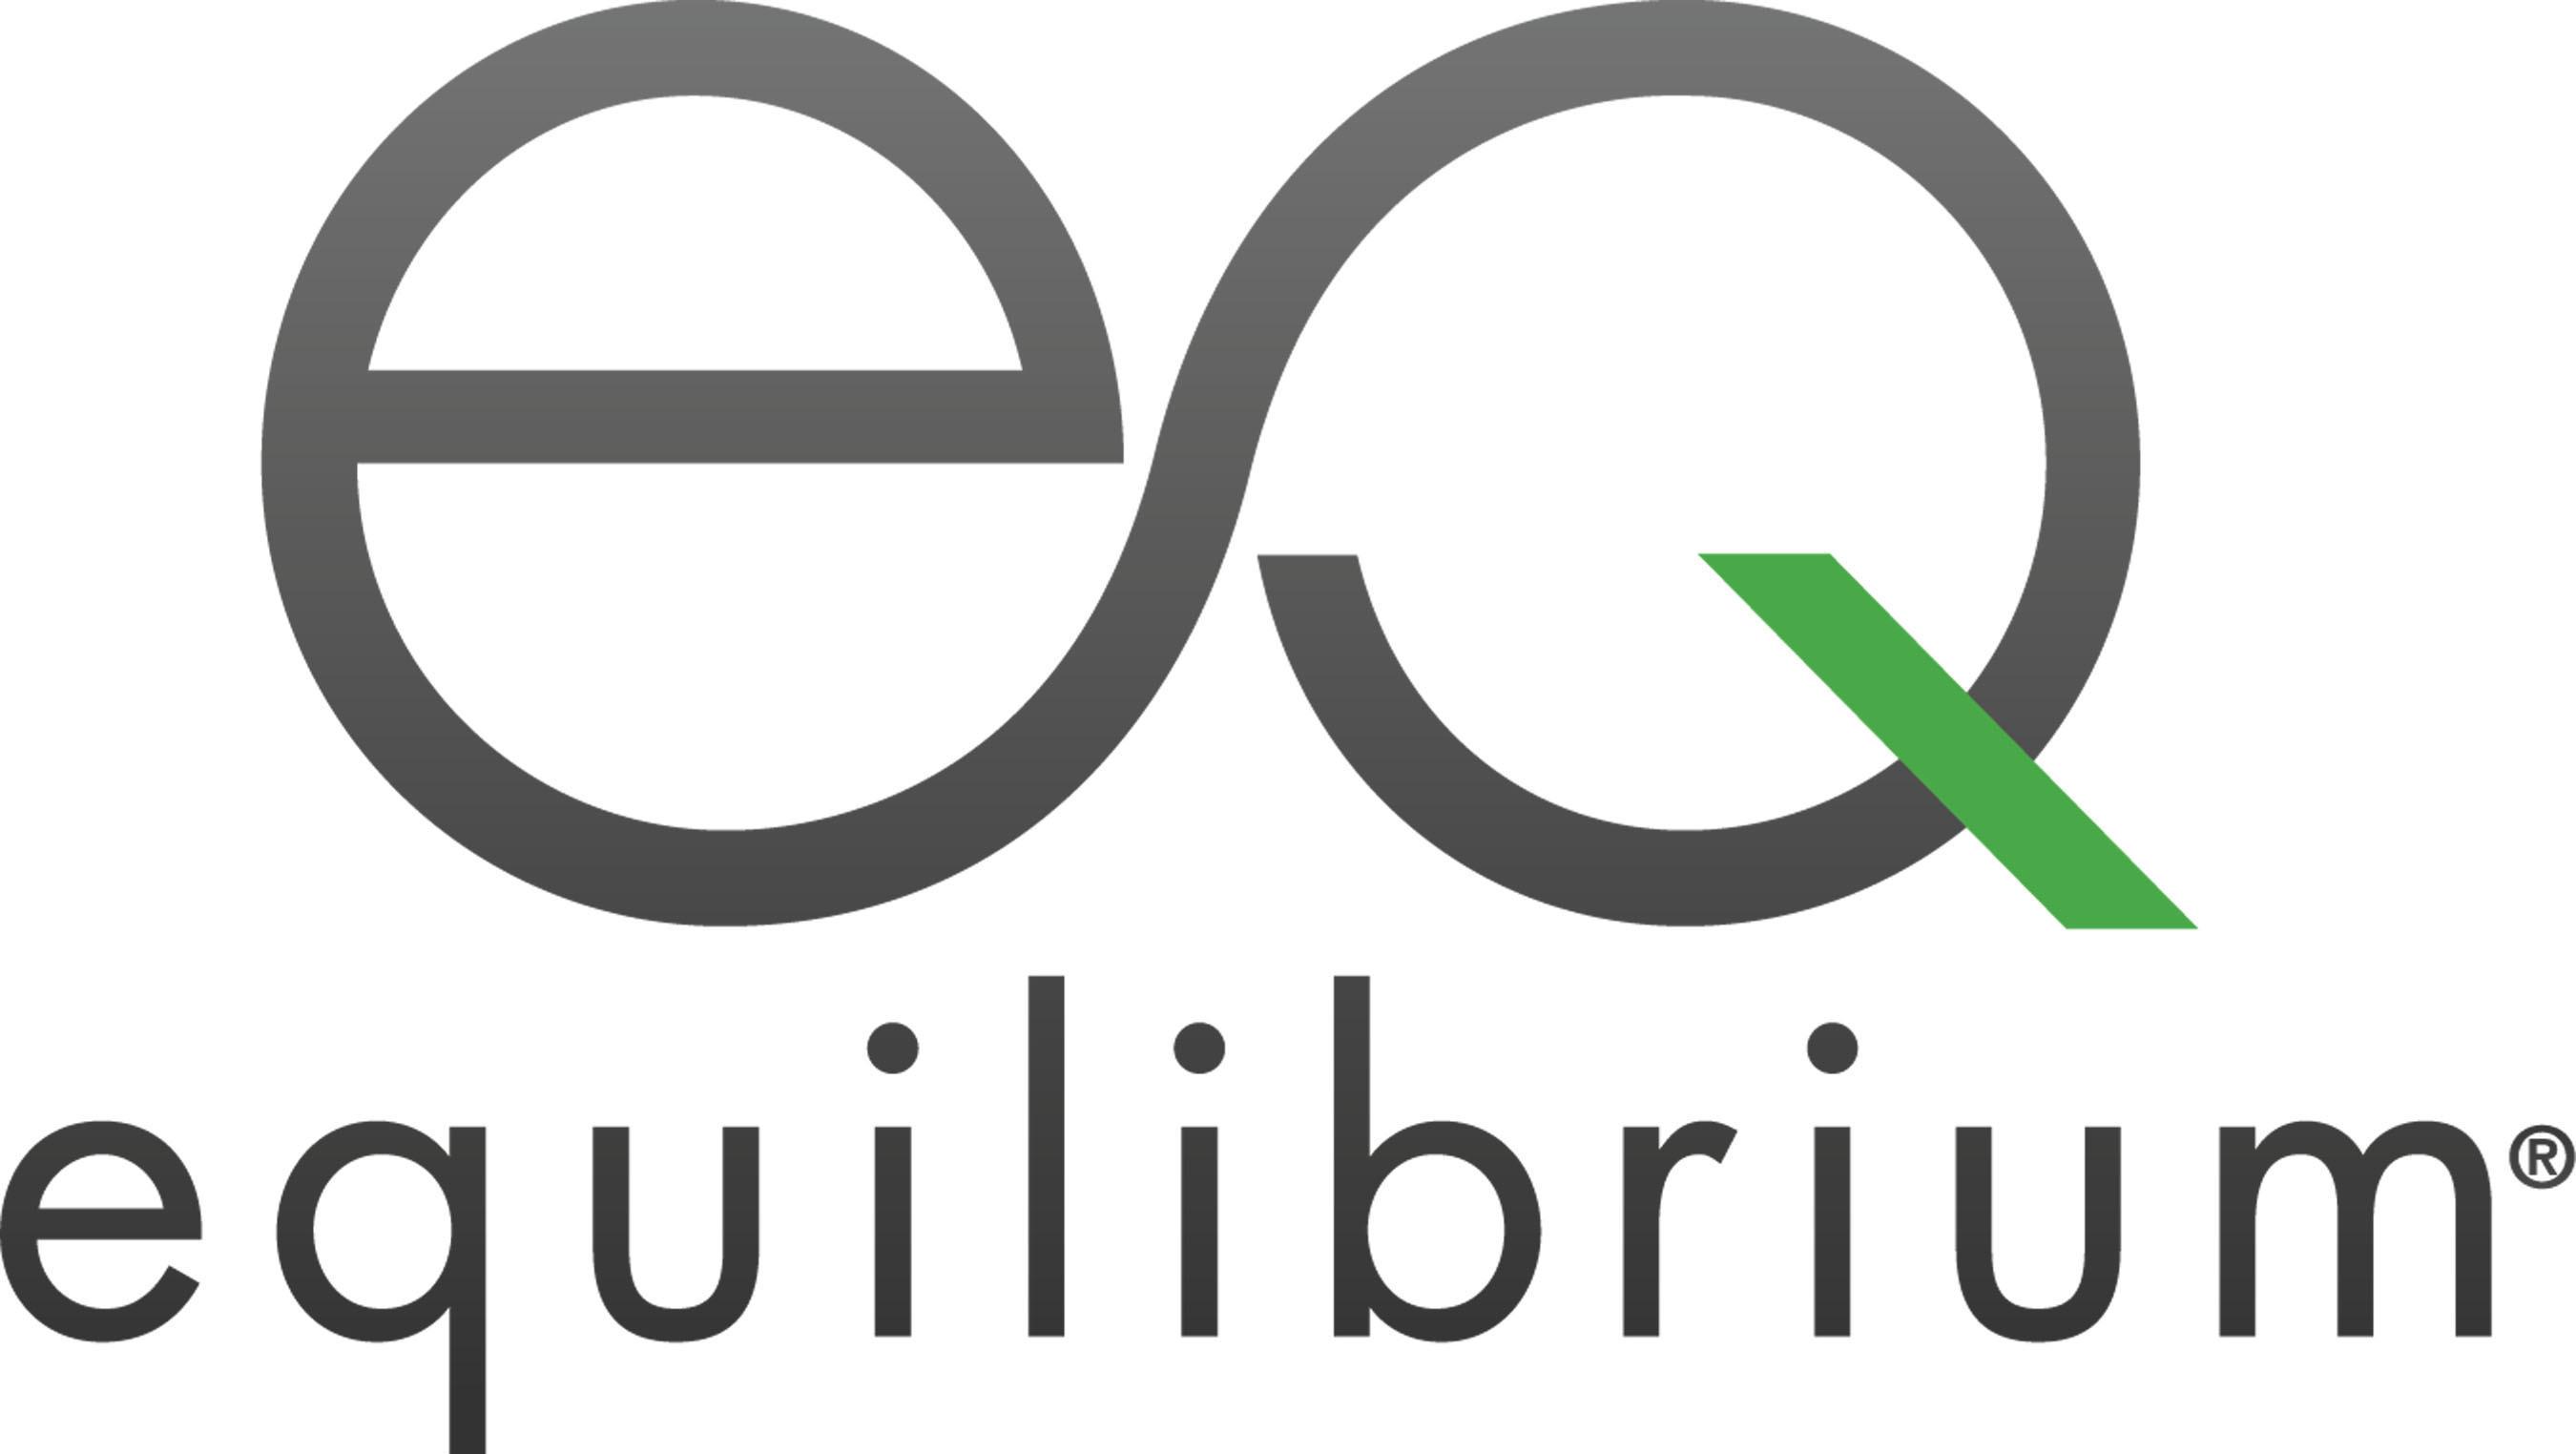 Equilibrium logo.